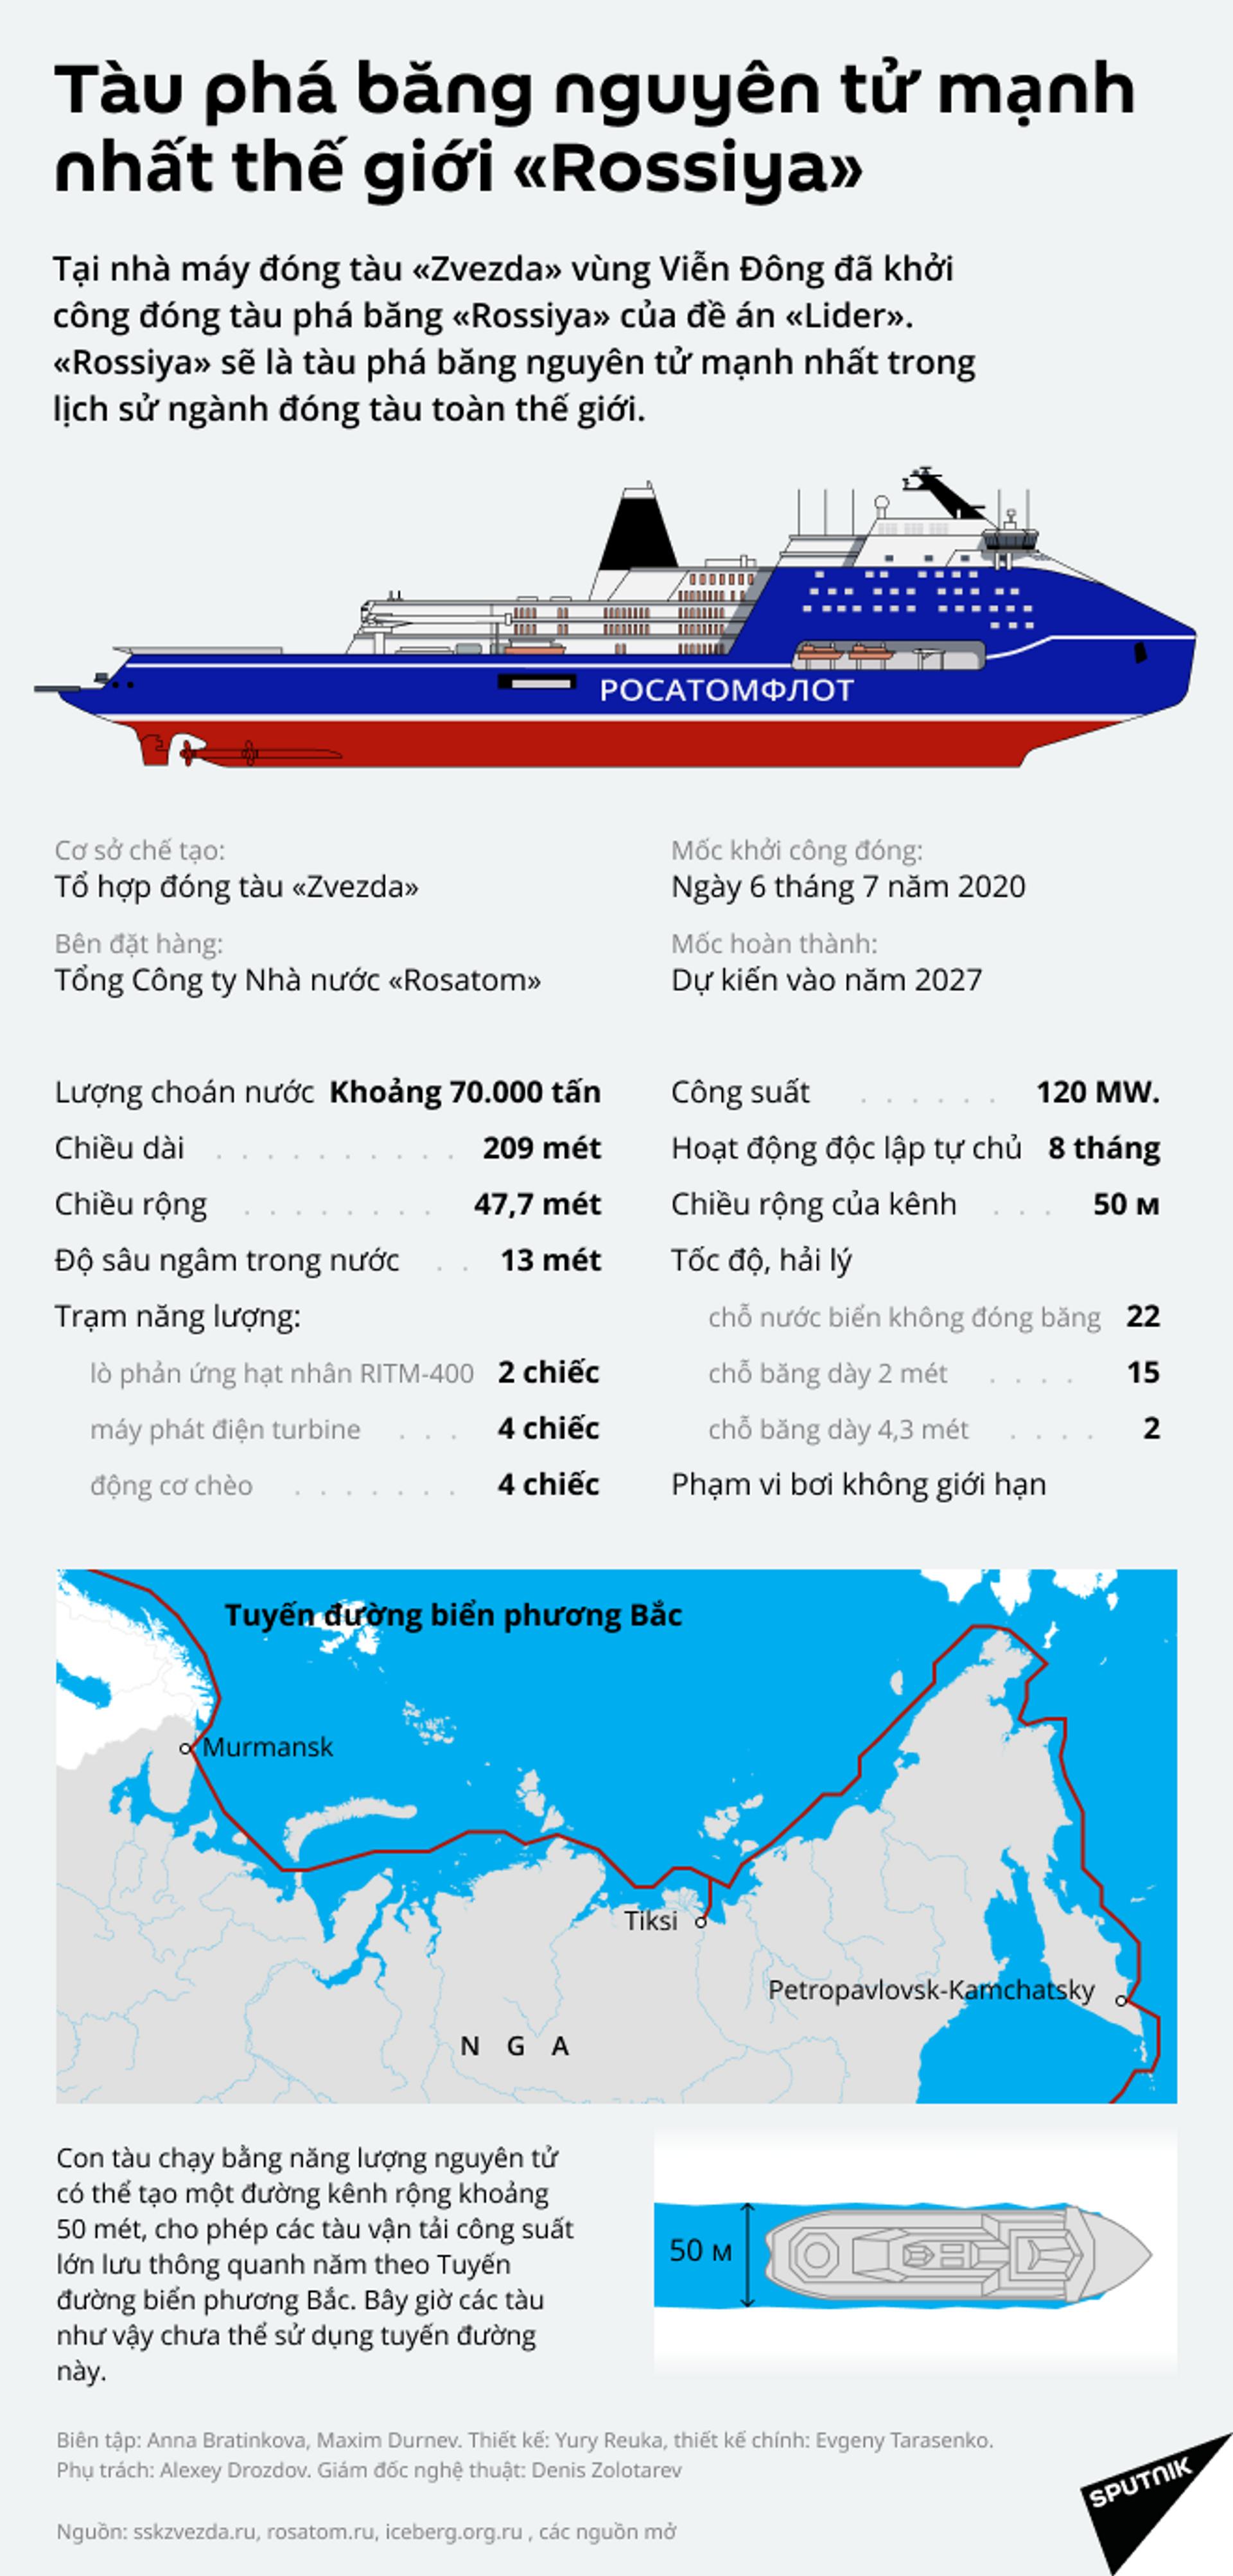 Dự án vượt quá khả năng của bất kỳ ai khác: chuyên gia nói về tàu phá băng Lider của Nga - Sputnik Việt Nam, 1920, 07.07.2021